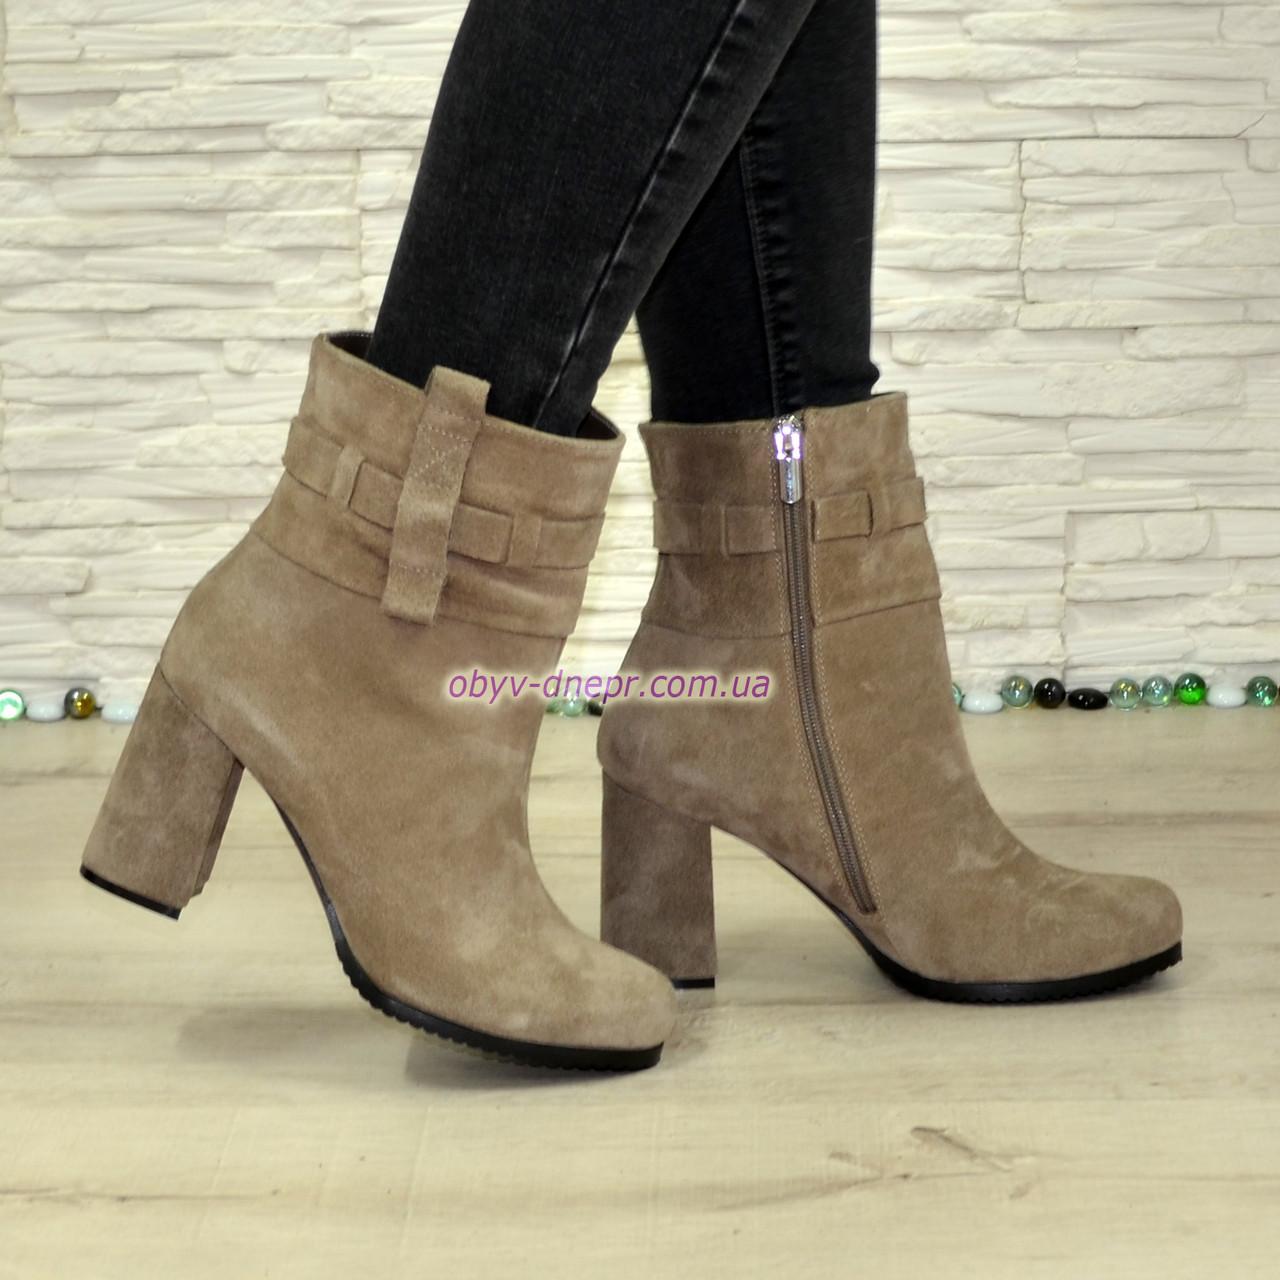 Замшеві черевики на високому стійкому каблуці, колір бежевий